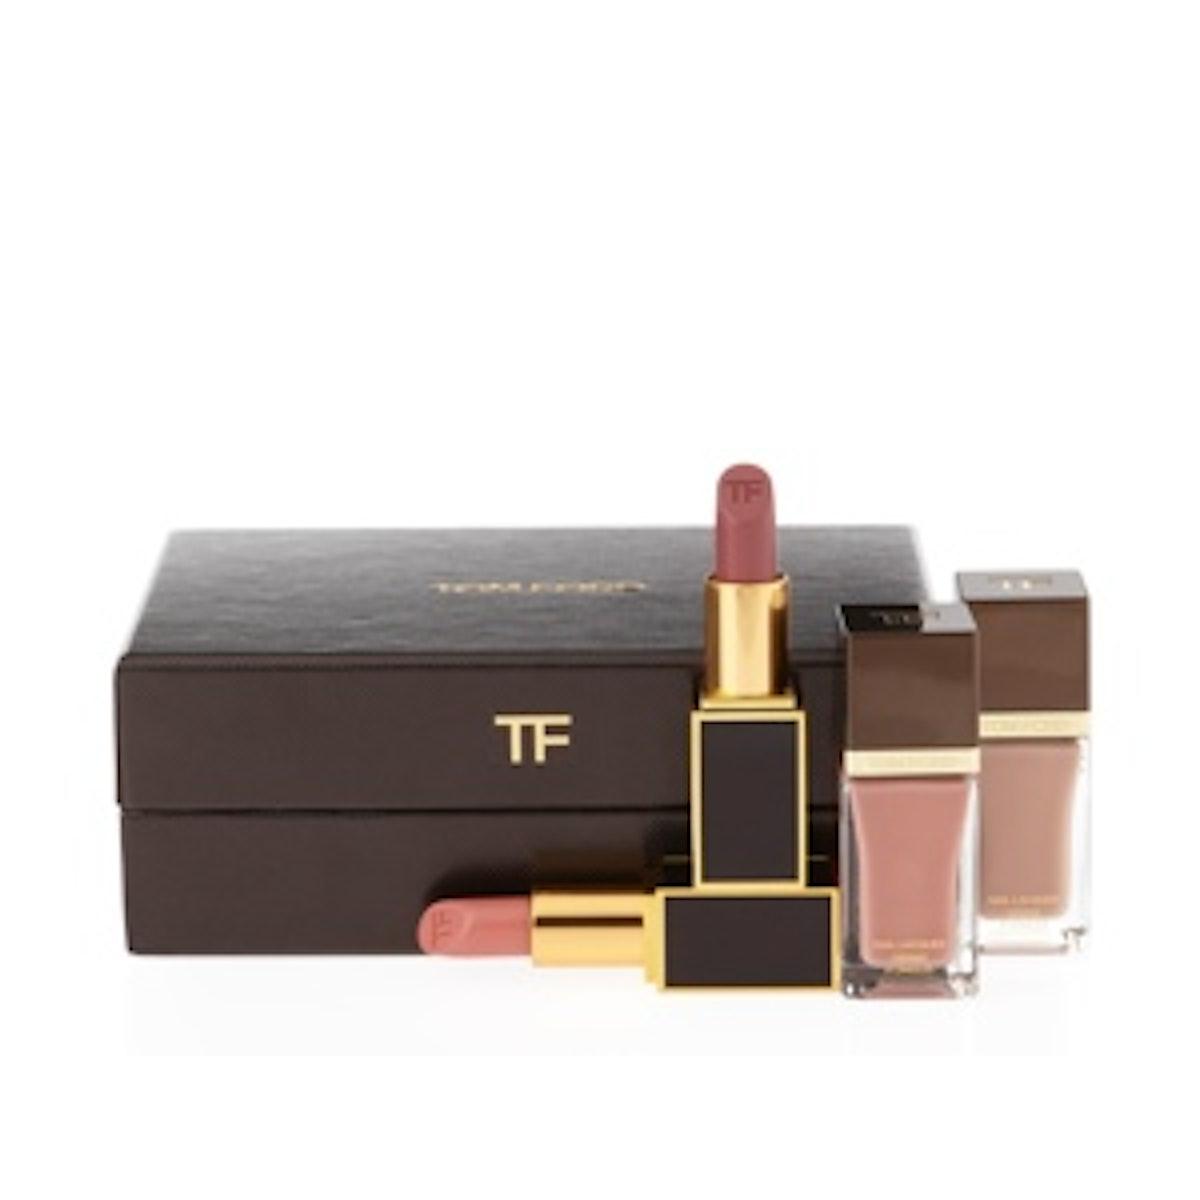 4 Piece Lips & Nails Gift Box Set